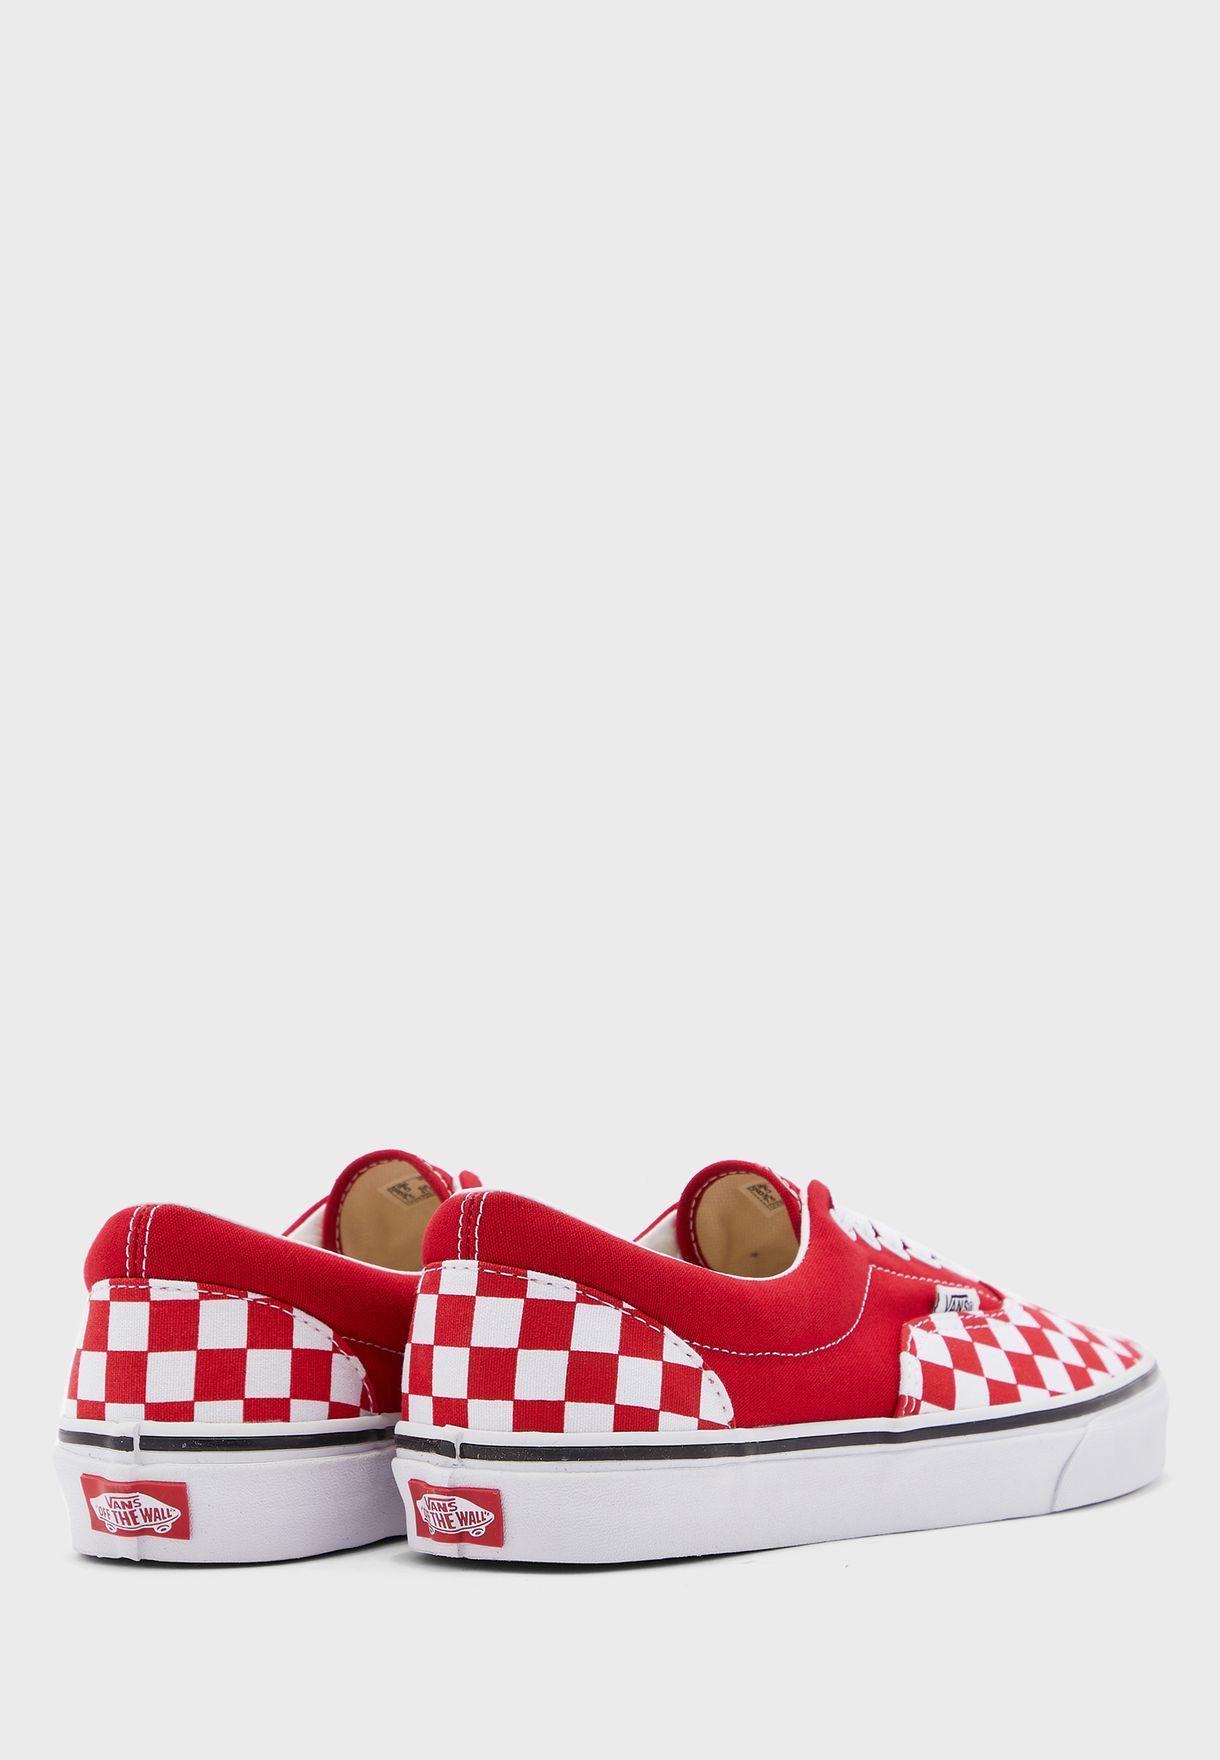 Checkerboard Era